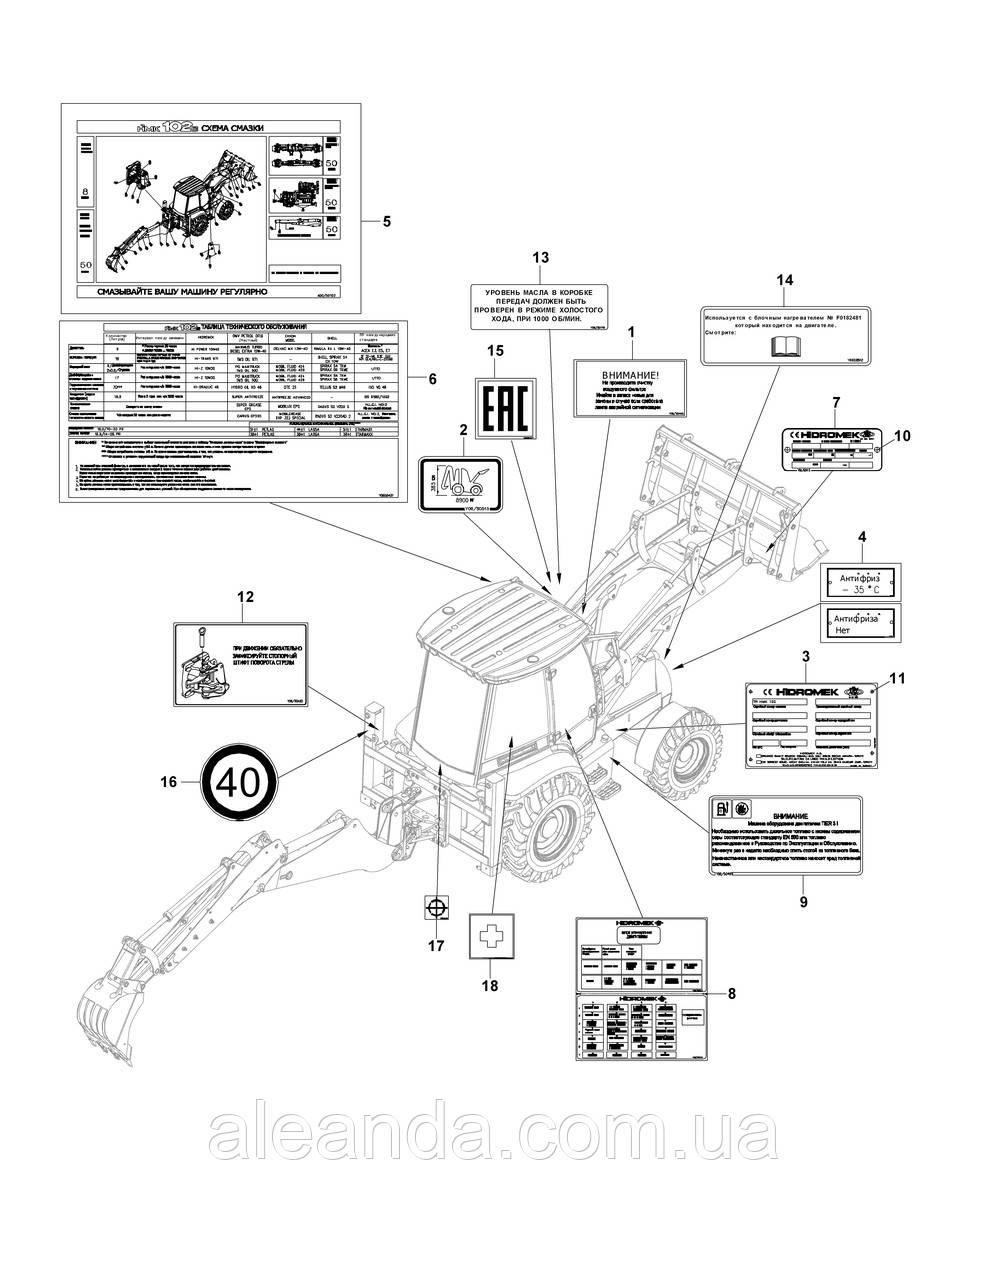 S0643029 диск фрикційної муфти статорний ведучого моста Hidromek